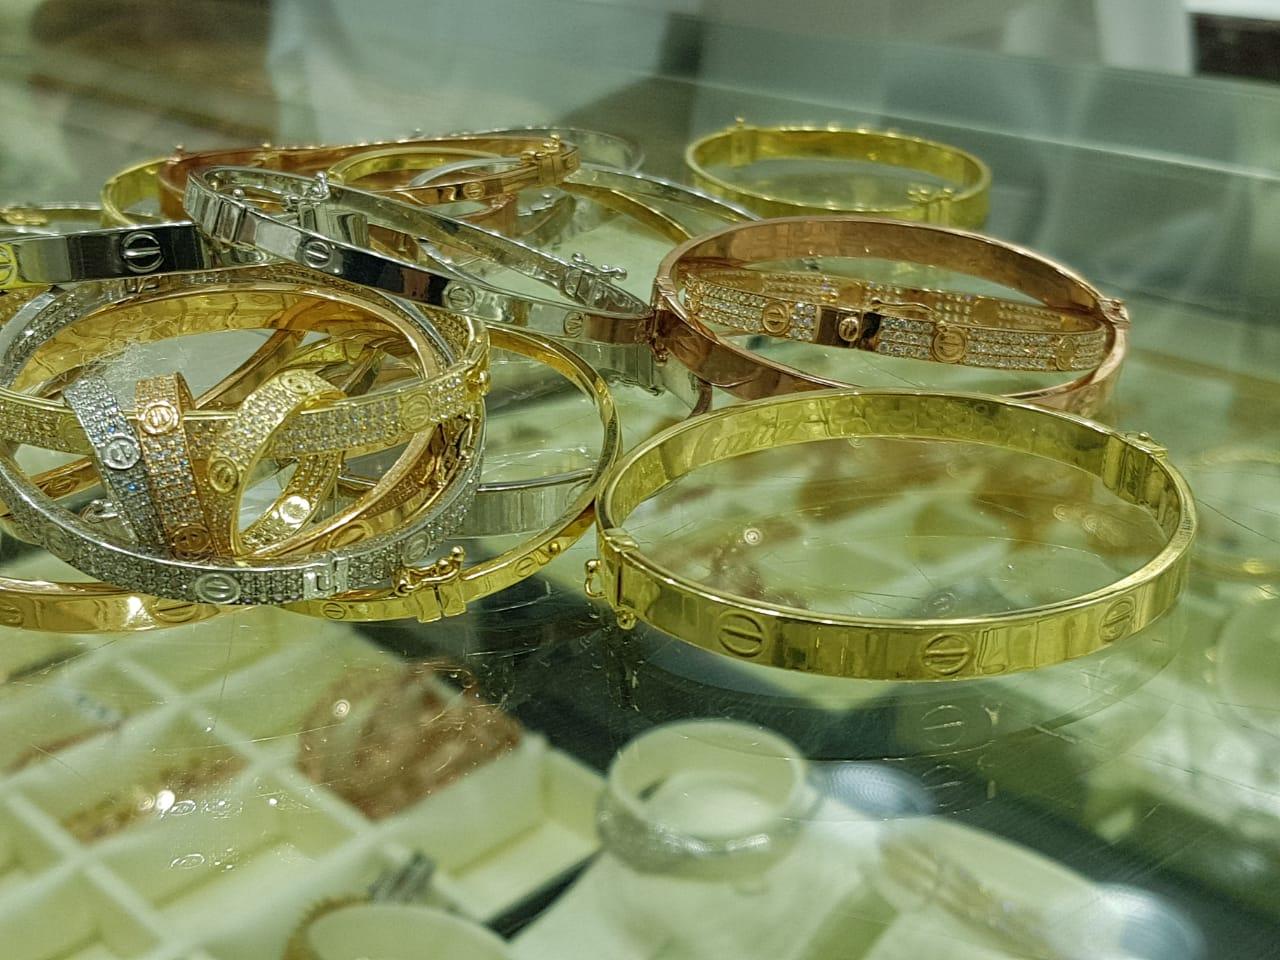 بالصور: مجوهرات بالرياض مقلدة لماركة c24070ed-f626-4317-9